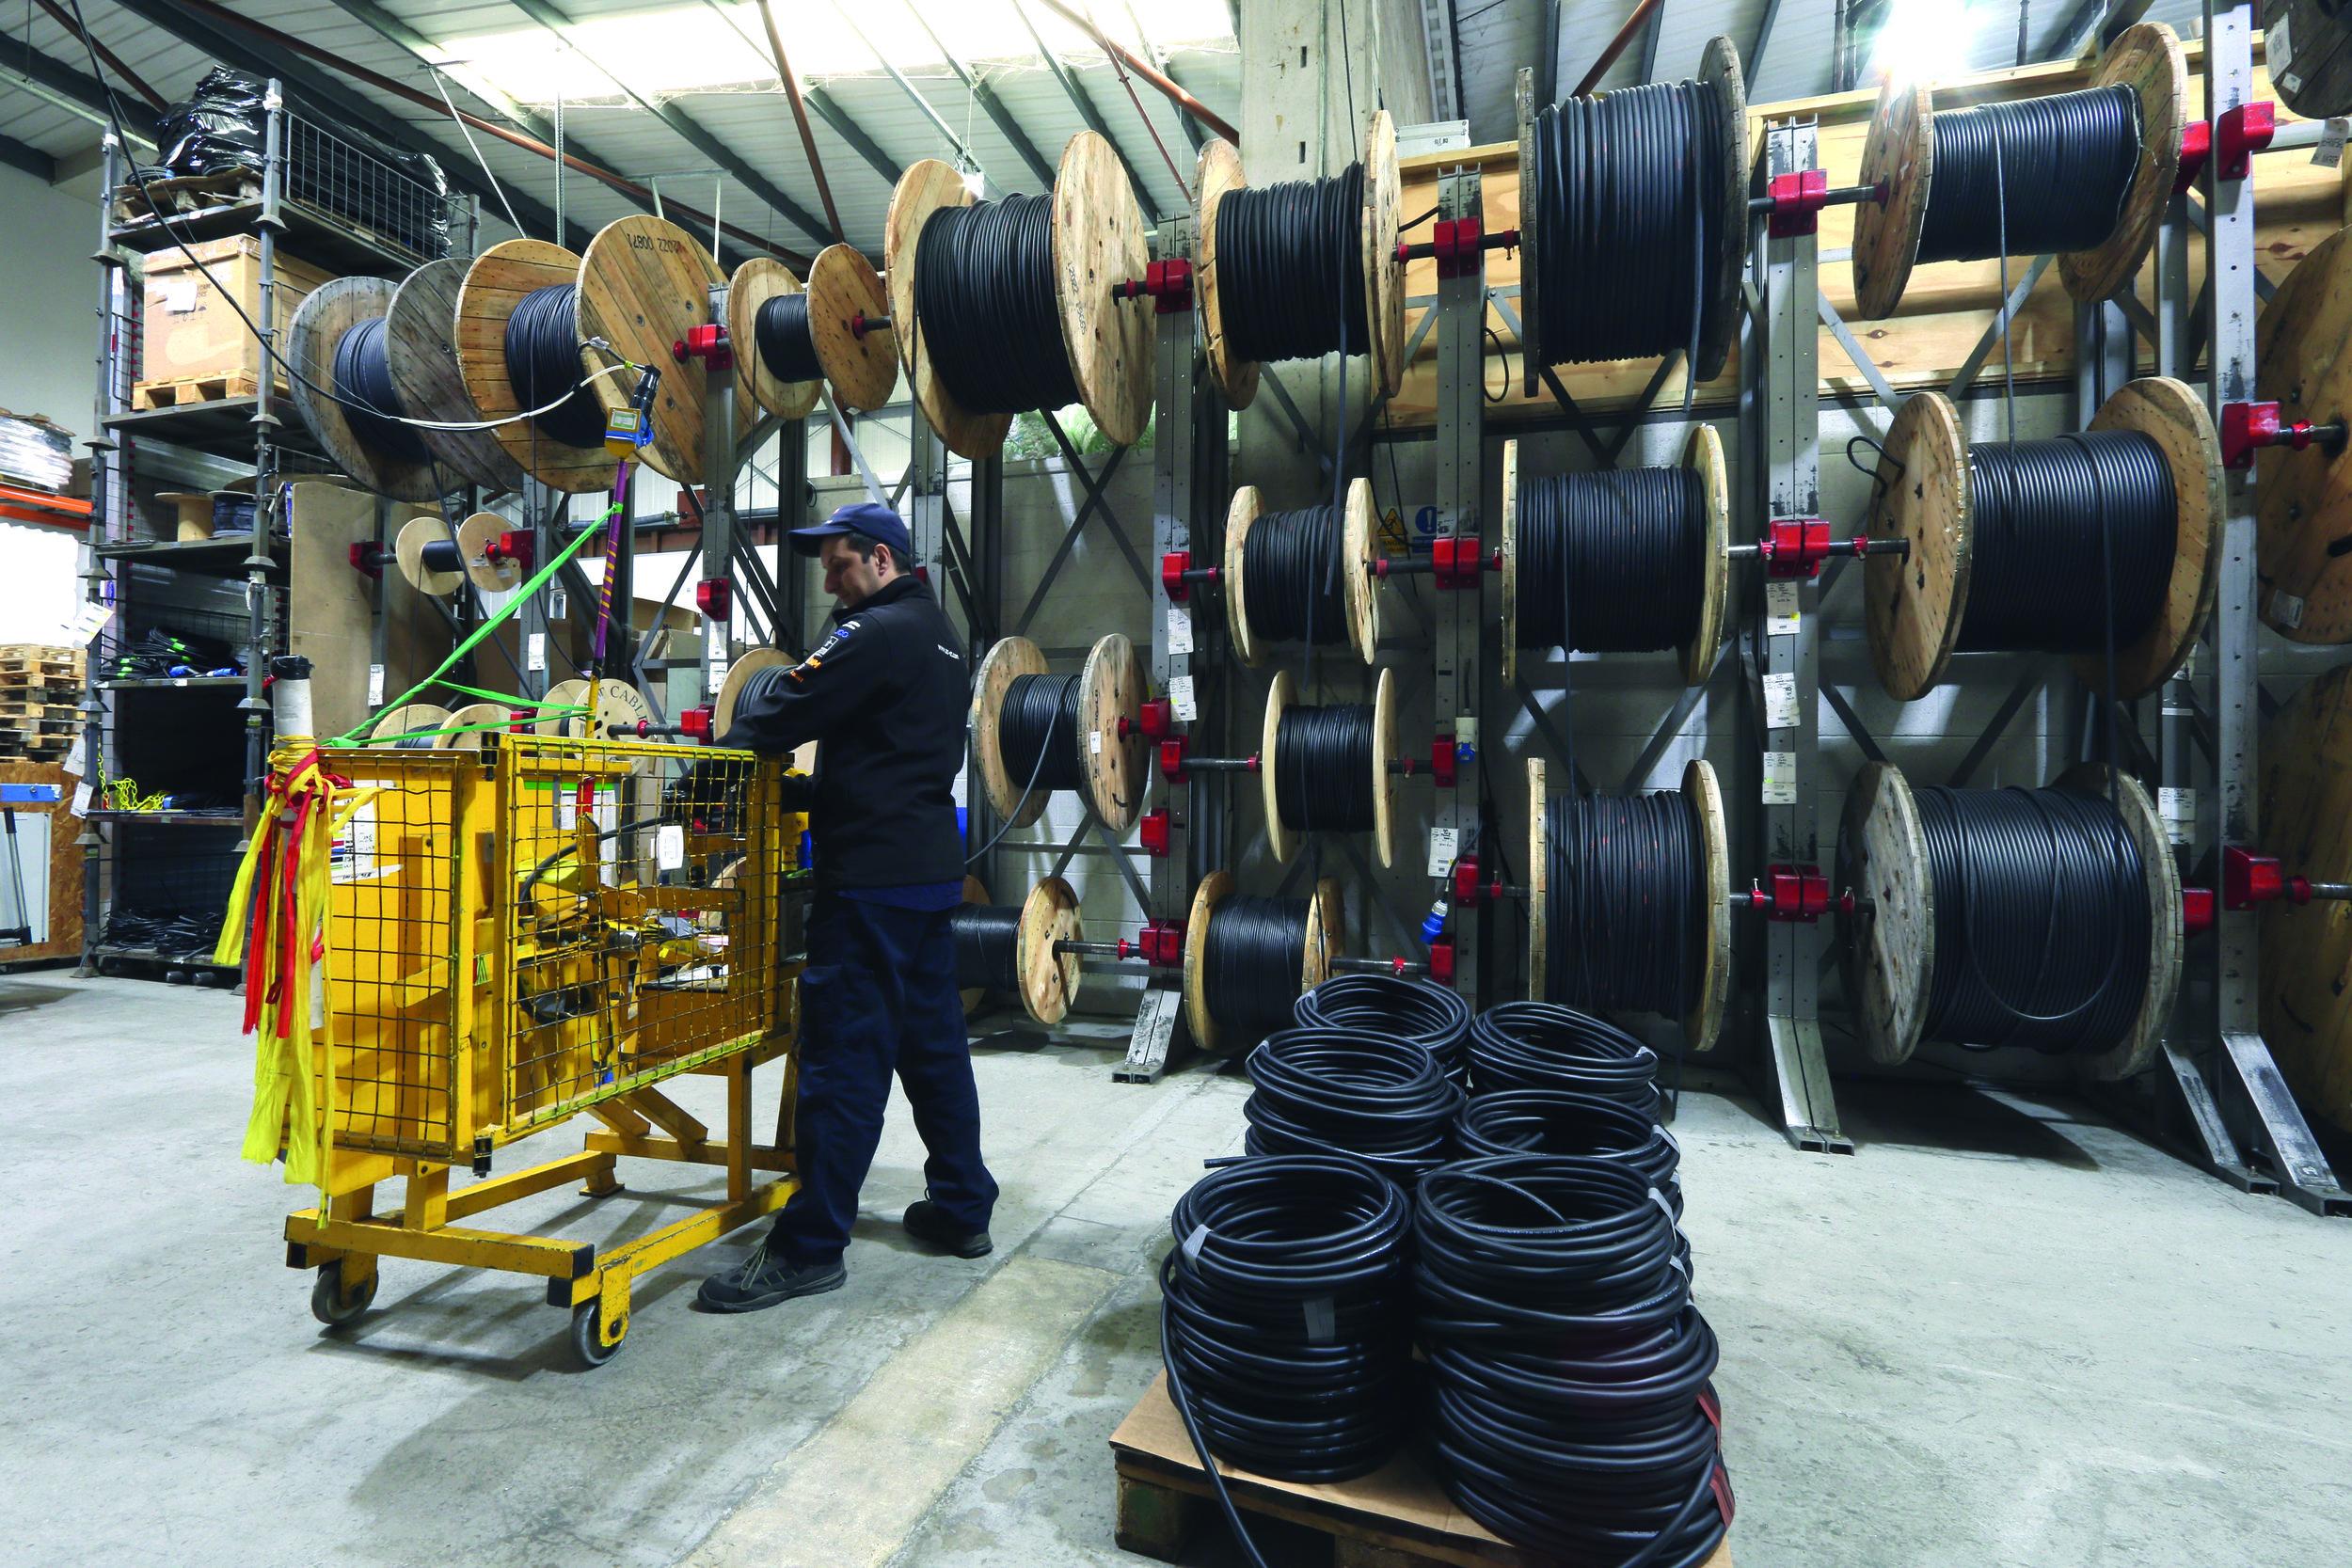 Tourflex® Cabling, A.C. Entertainment Technologies egen inhouse-kabelproduktion. Här erbjuds kunden stora möjligheter att sätta sin egen prägel på kablaget, exempelvis lasergravering och färgkodning för snabb identifiering.